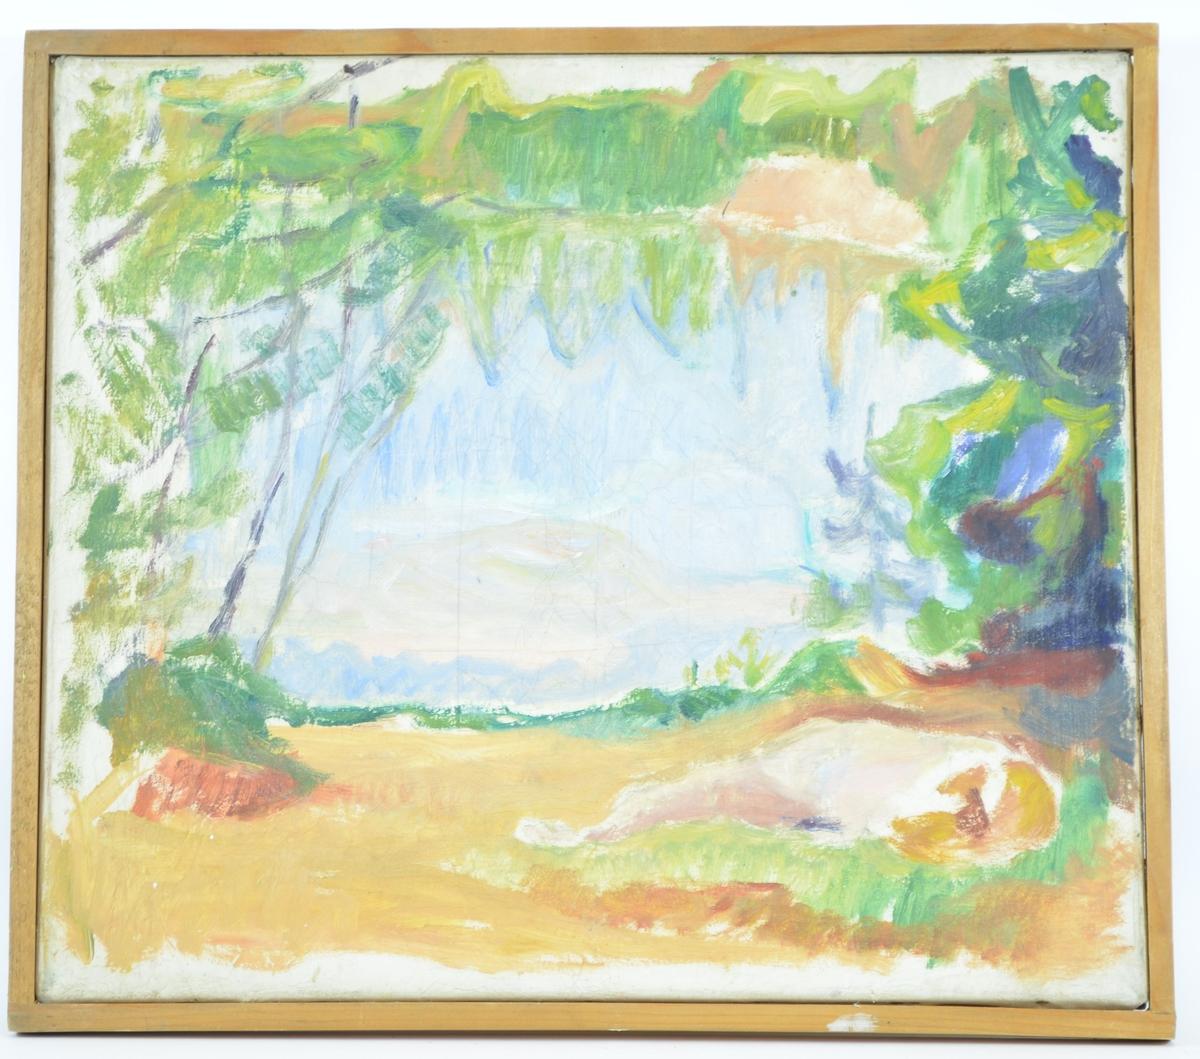 Motivet viser en landskapsscene, hvor en åpen eng er omkranset av skog. Til høyre i bildet ser man konturen av noe som kan være et menneske som ligger på rygg på bakken.